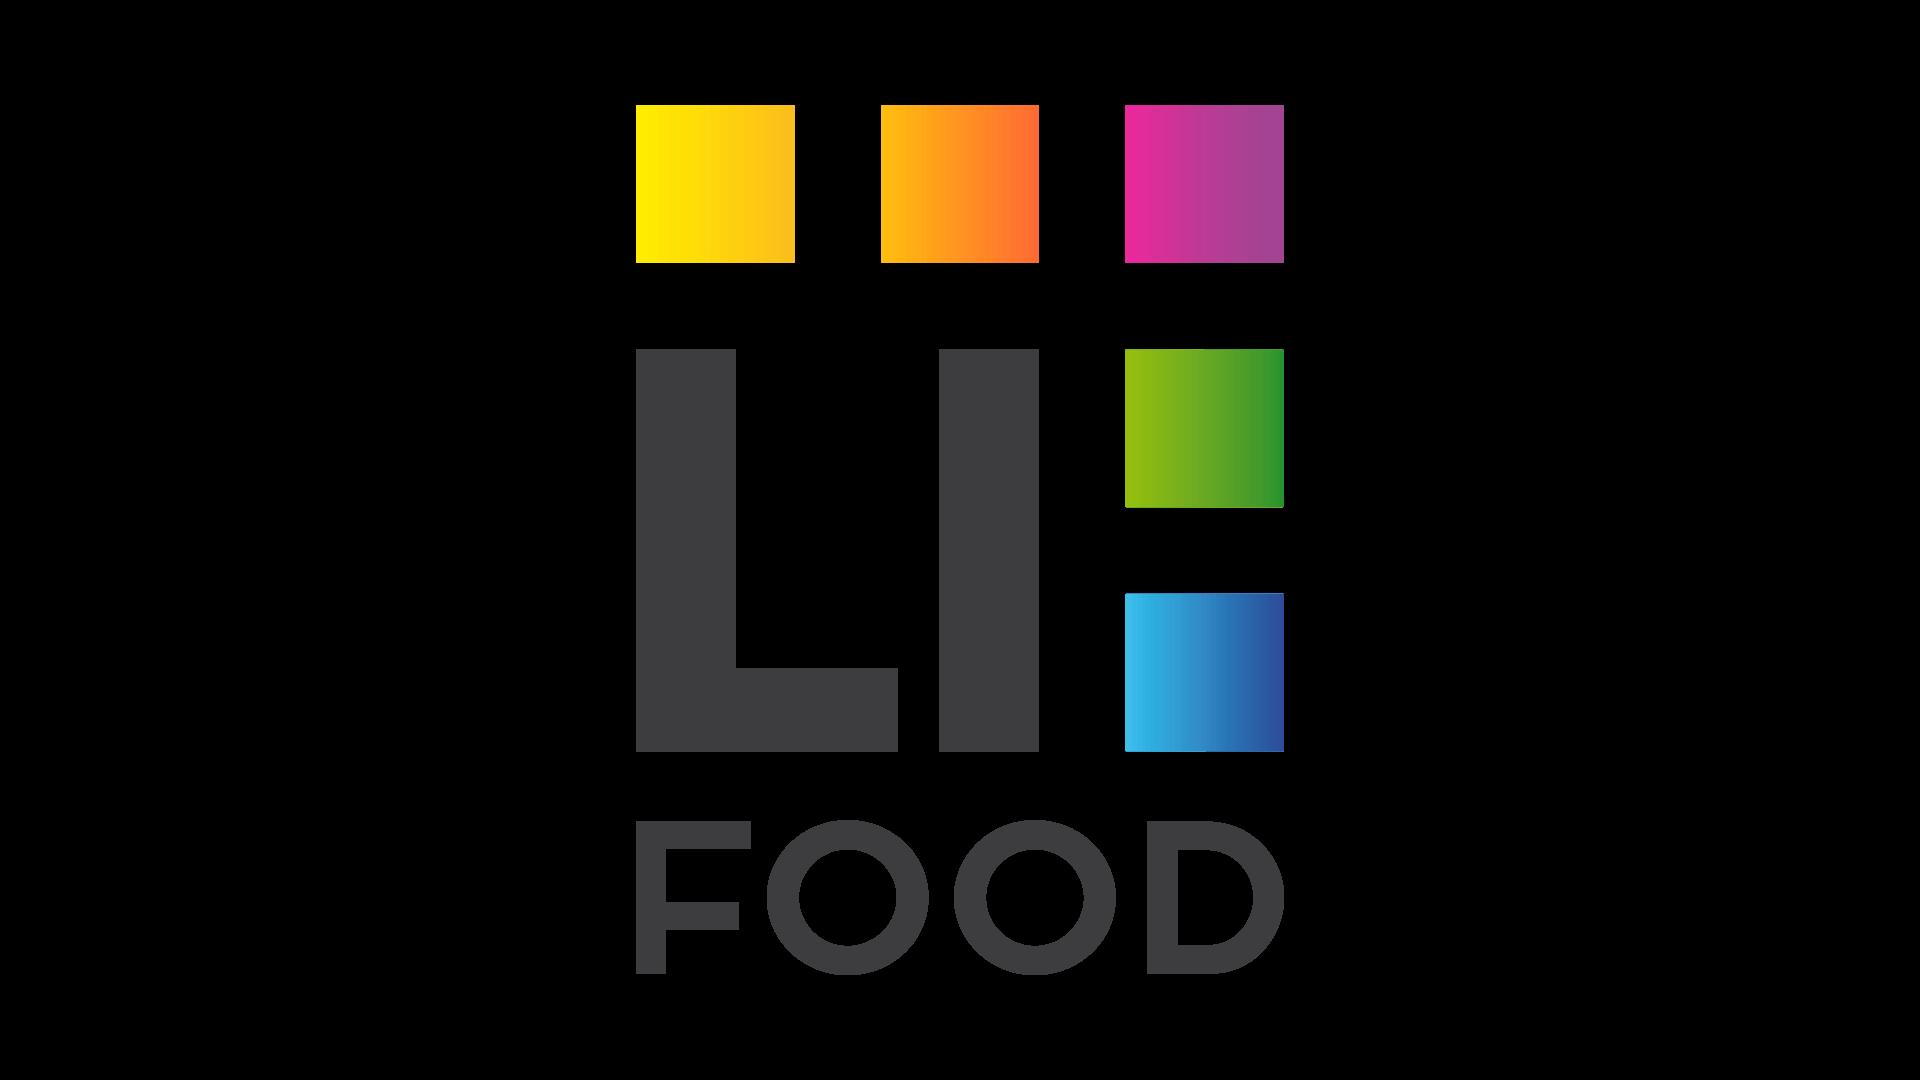 lifood_logo.png